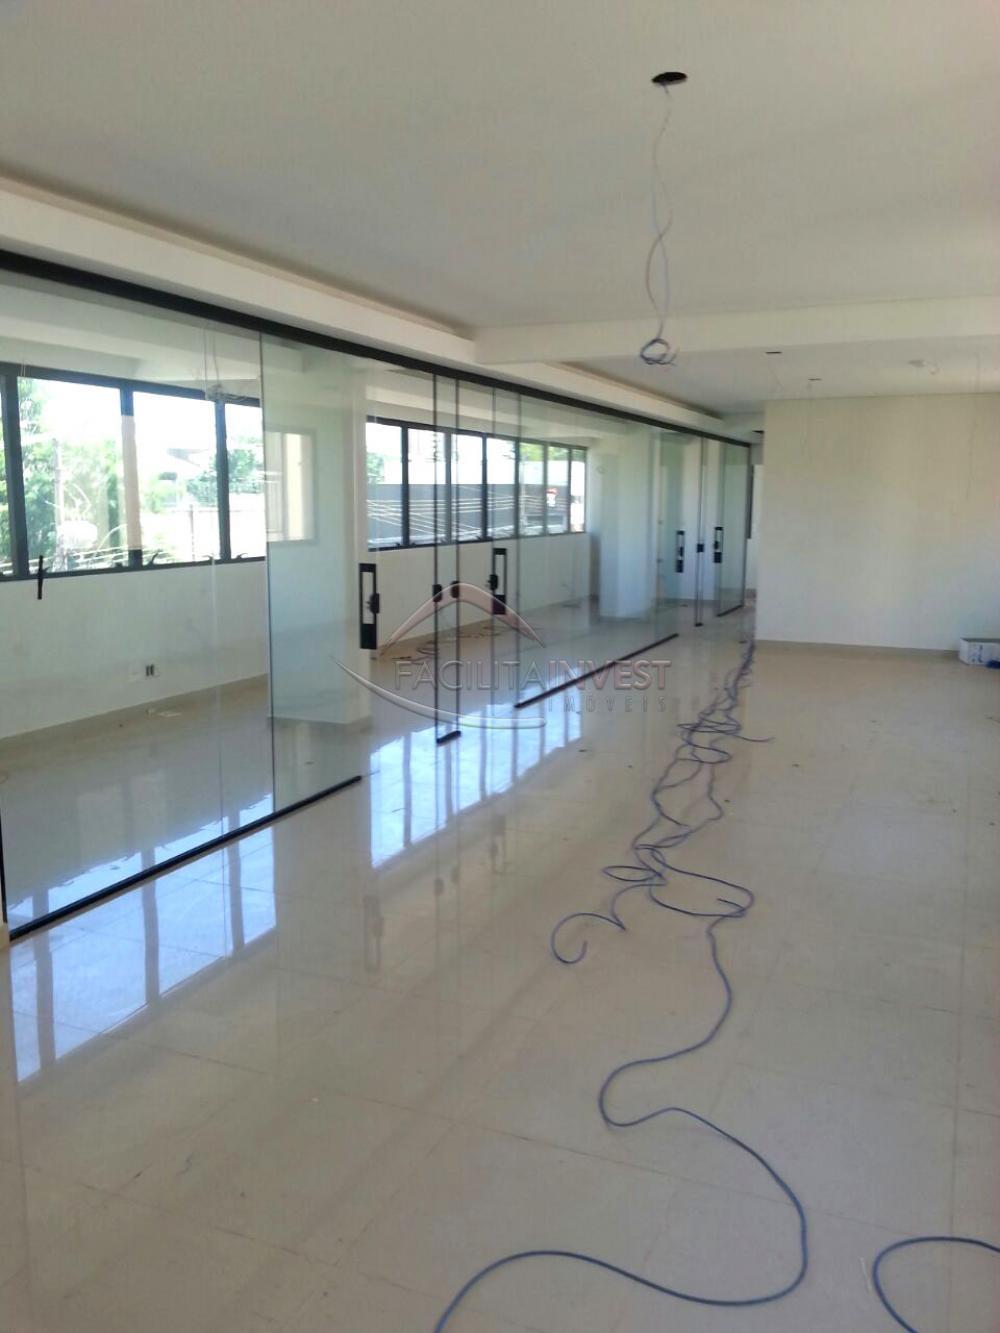 Alugar Salas Comerciais / Salas comerciais em Ribeirão Preto apenas R$ 4.900,00 - Foto 2